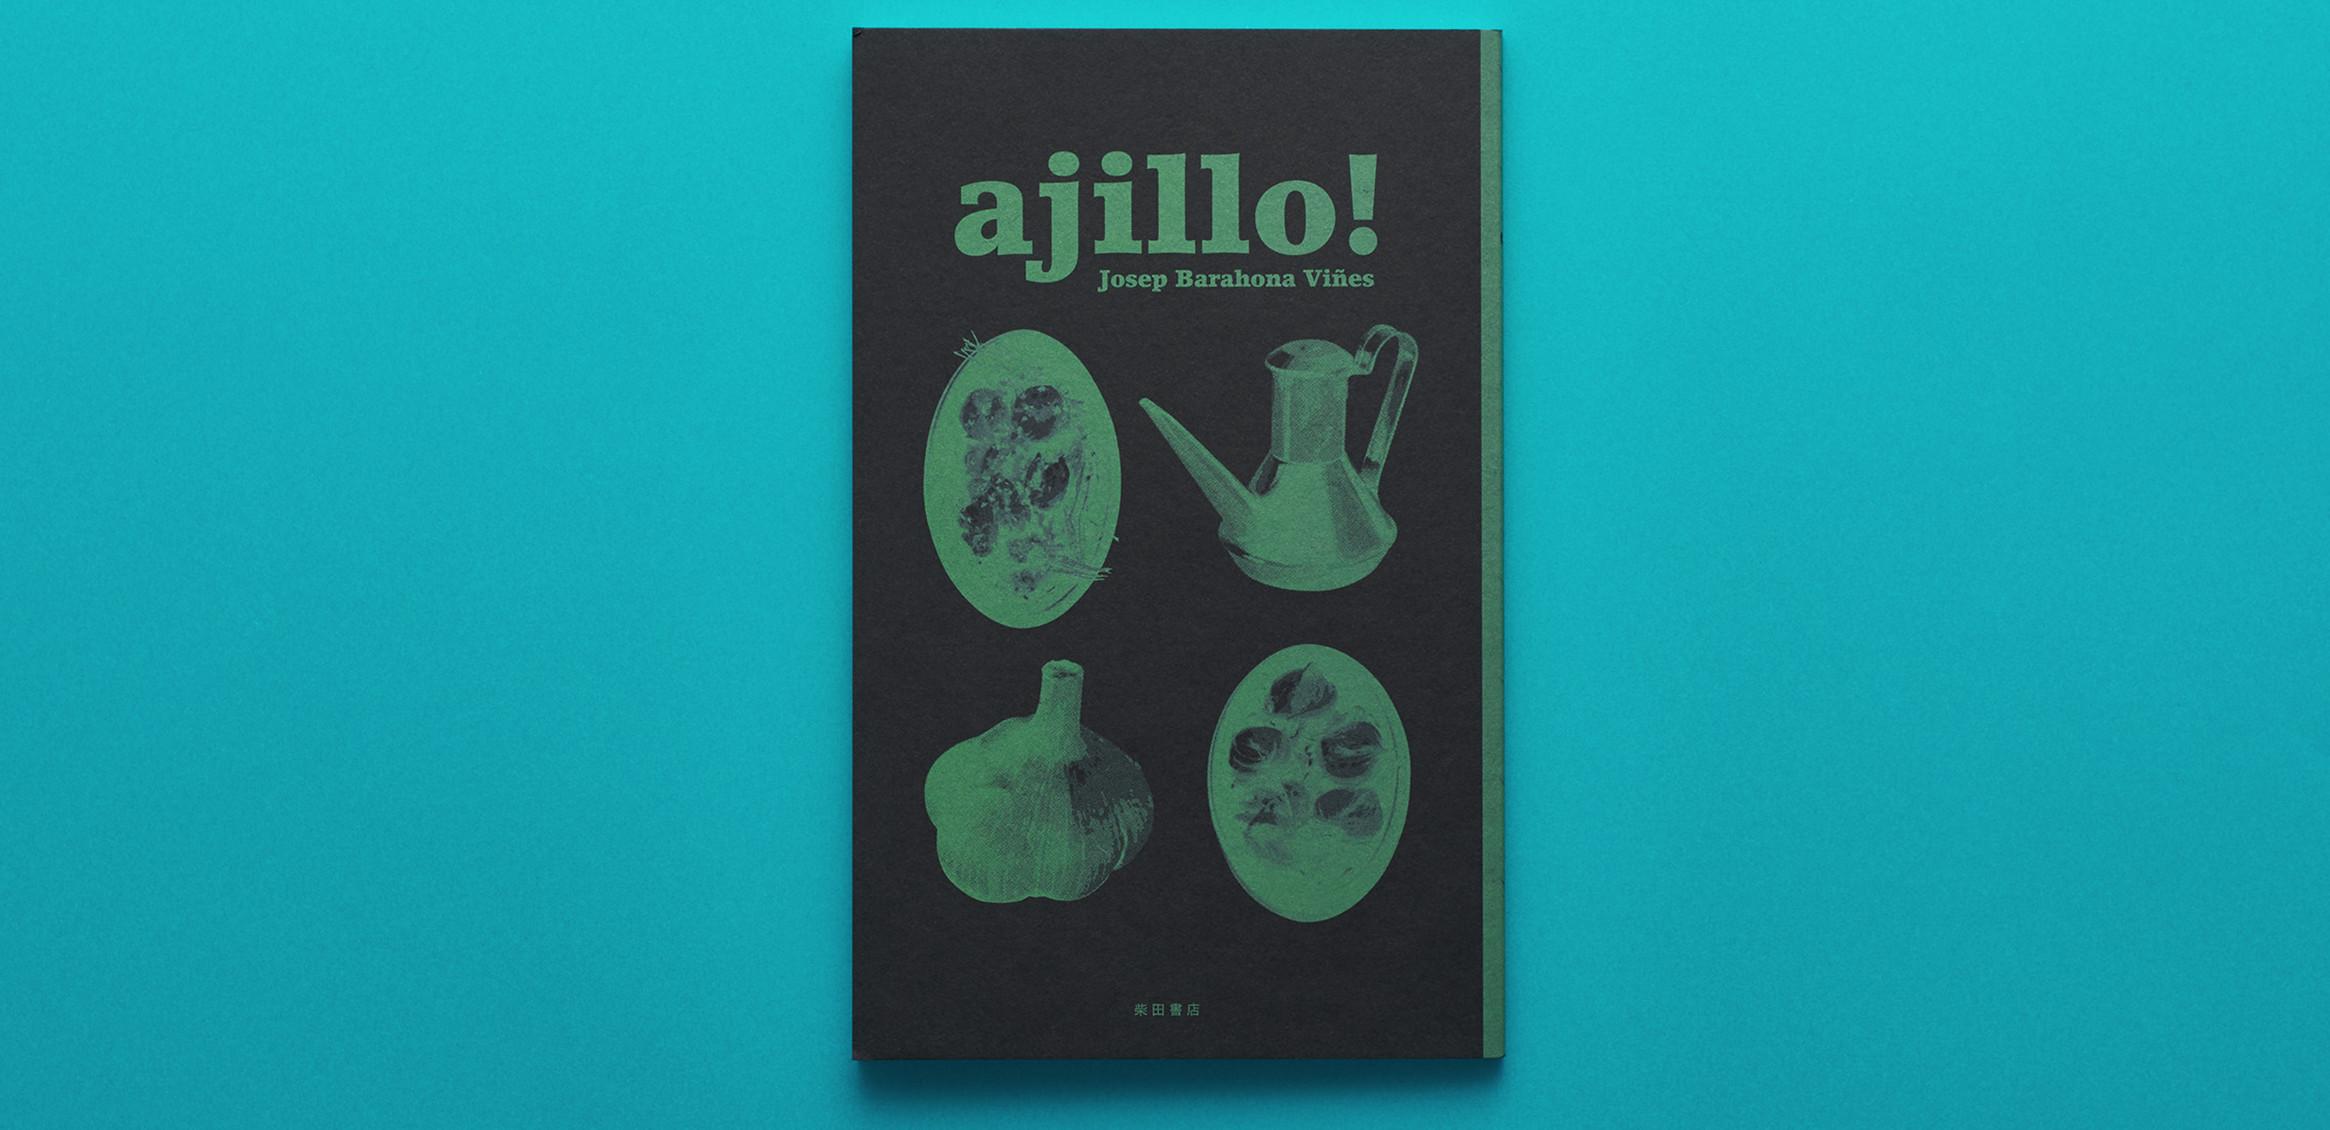 ajillo! -アヒージョ! - スペイン生まれのアツアツ・タパス1枚目